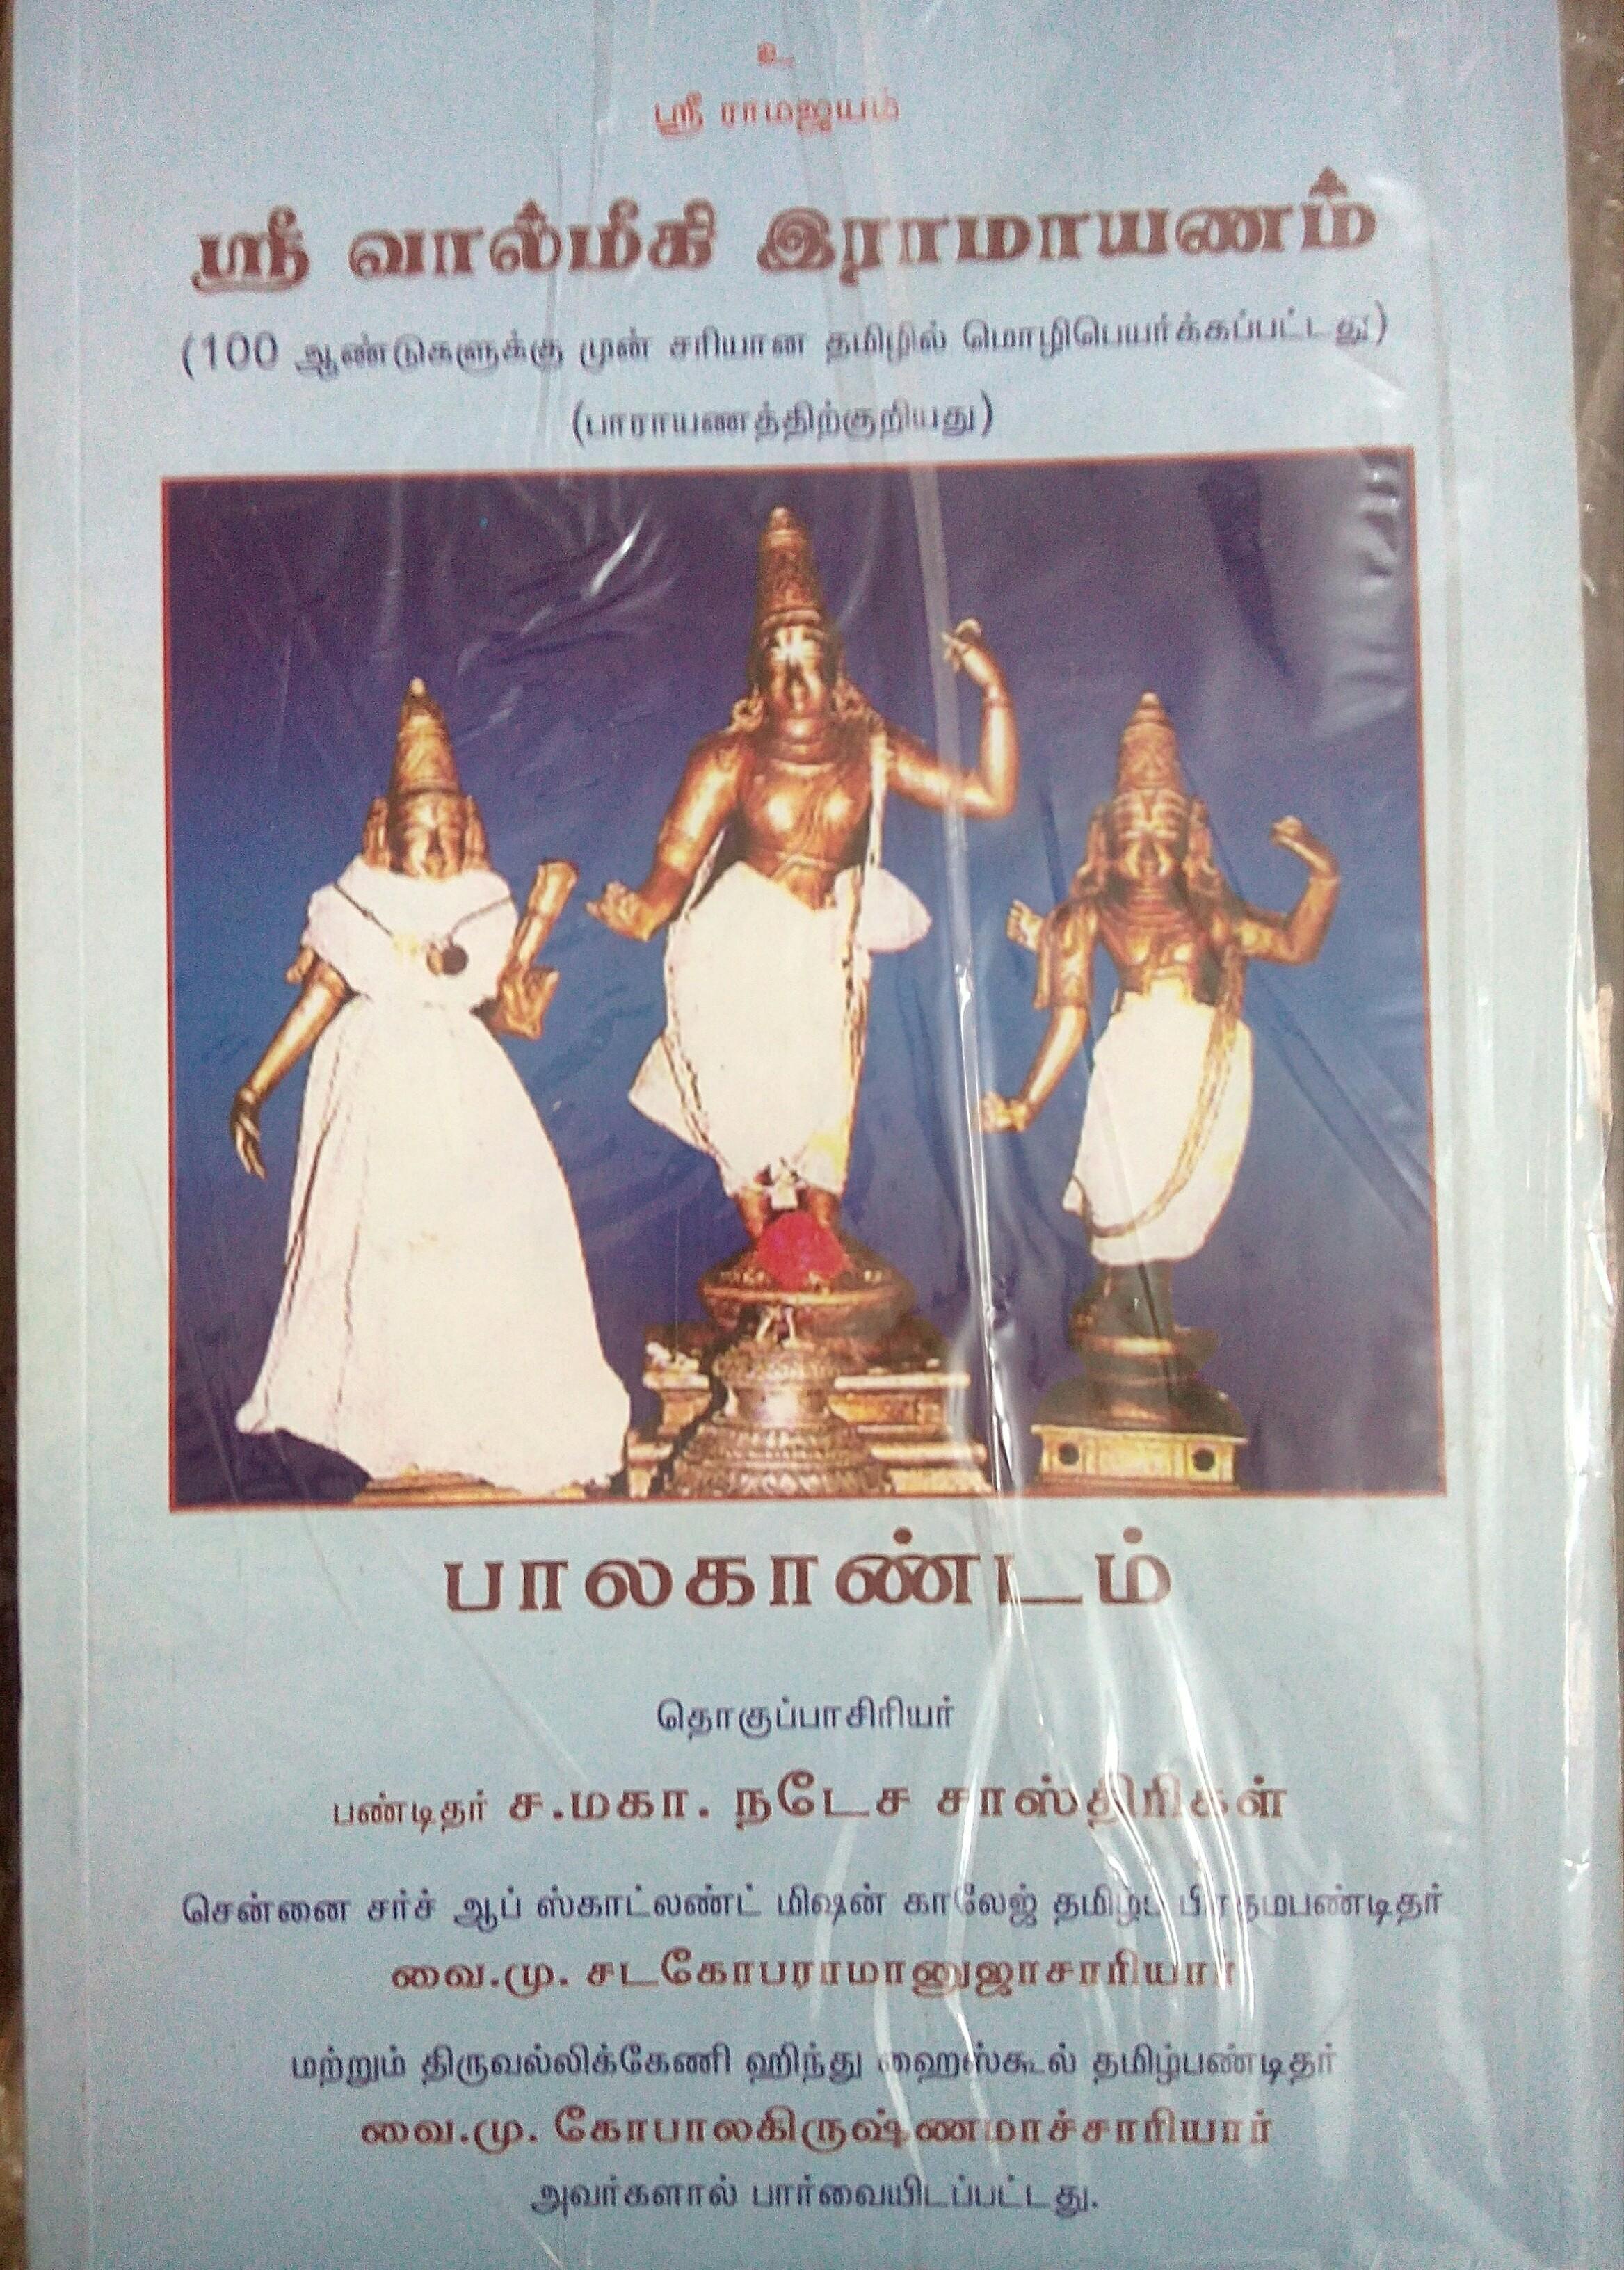 ஸ்ரீவால்மீகீ ராமாயணம்